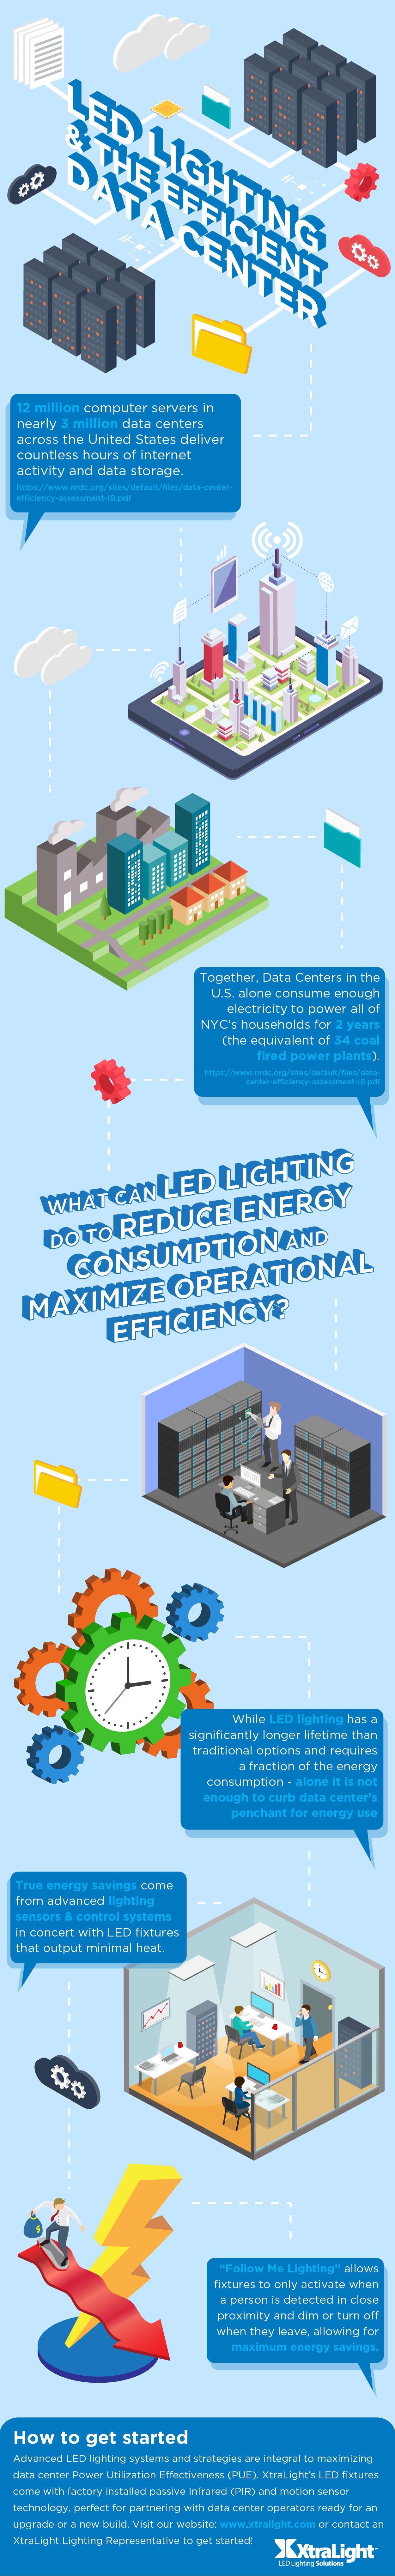 Led lighting the efficient data center jpg 1 3 mb